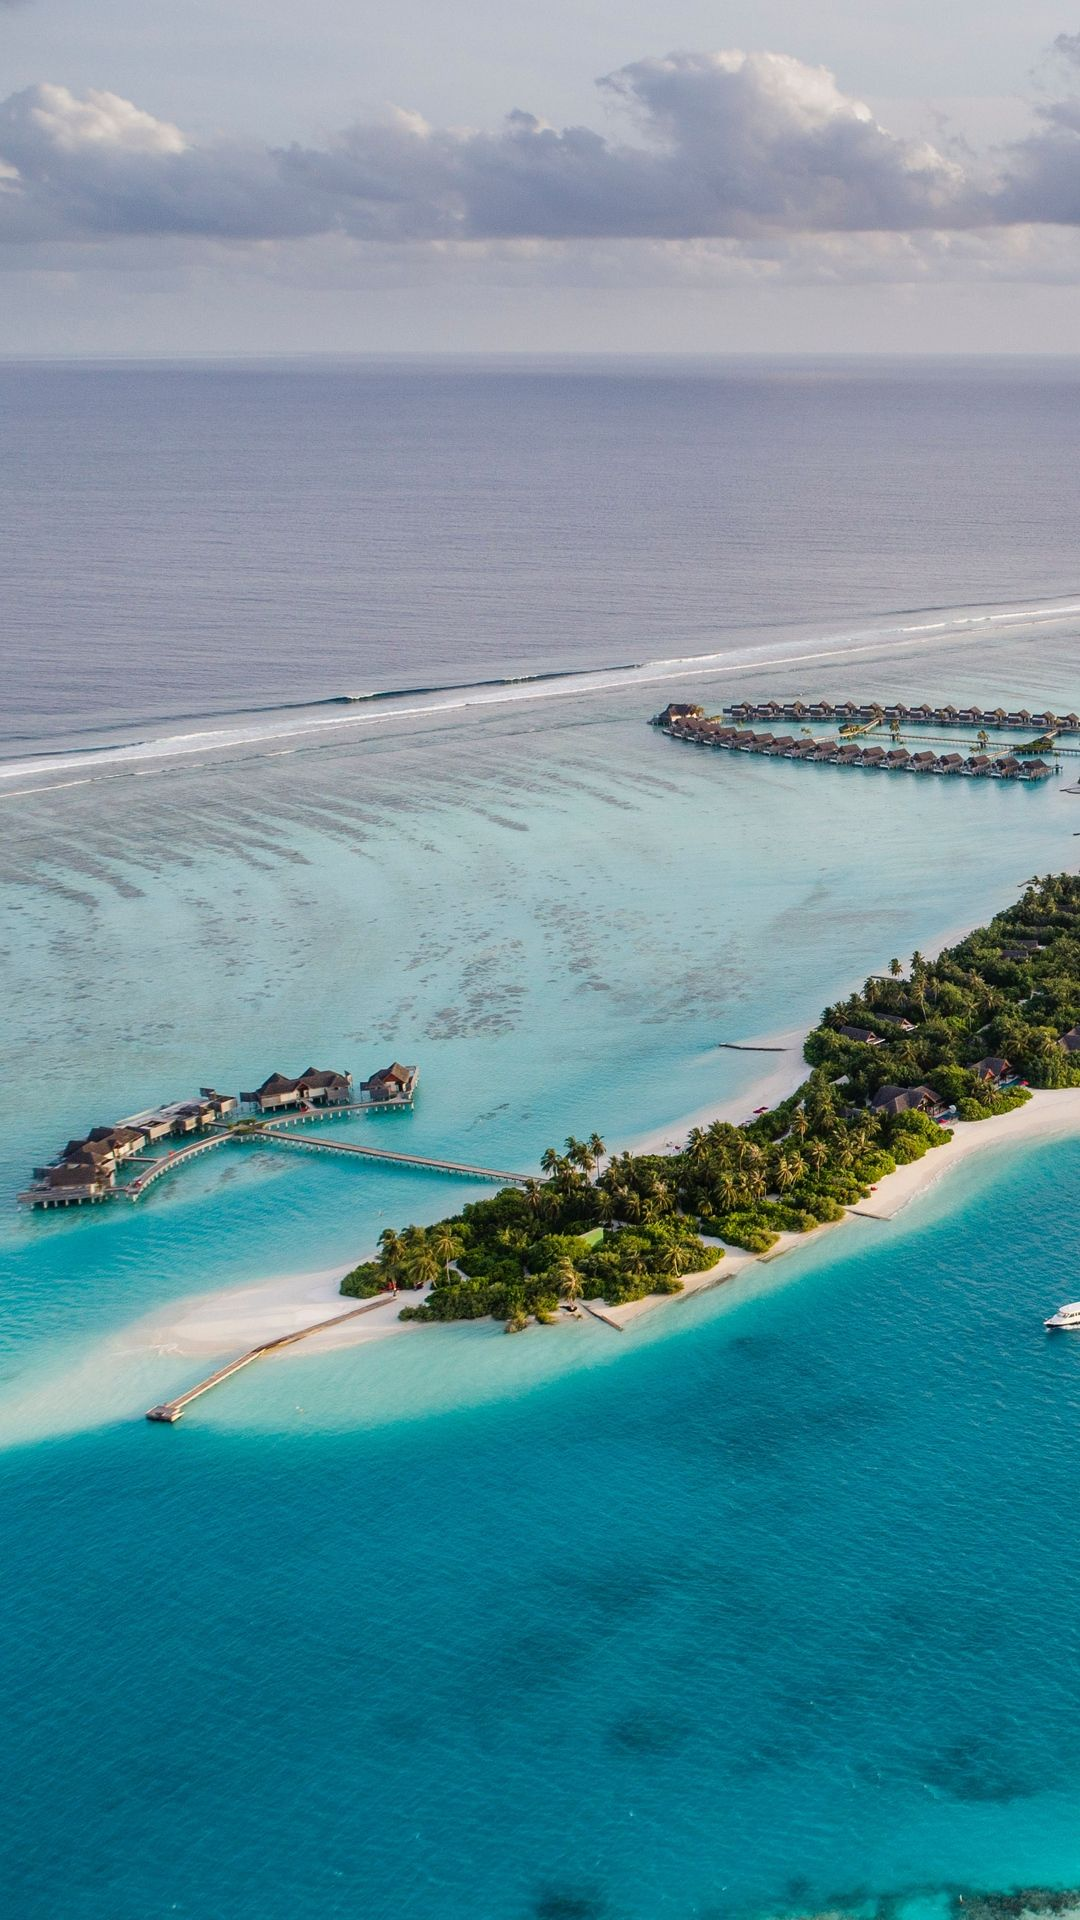 Maamigili Maldives